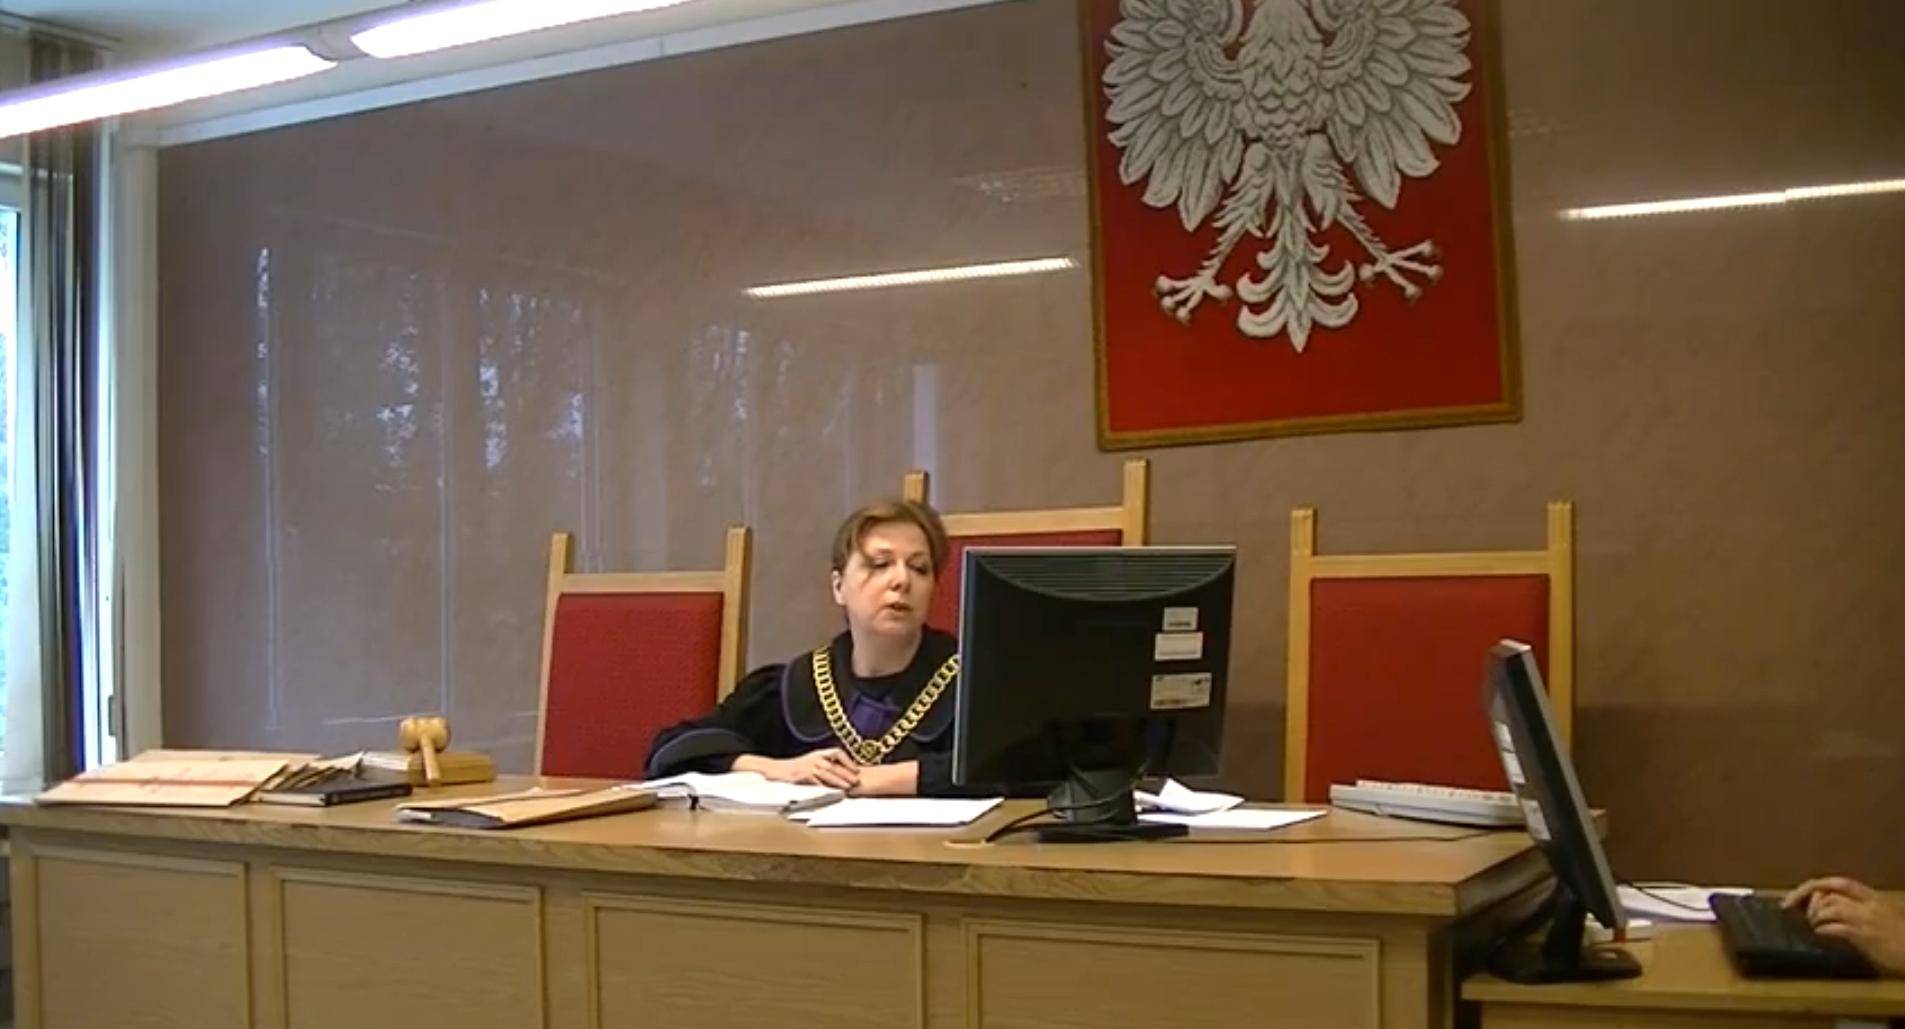 WOLNY CZYN: Proces w obronie honoru Polski (reportaż Z. Stanowskiego)